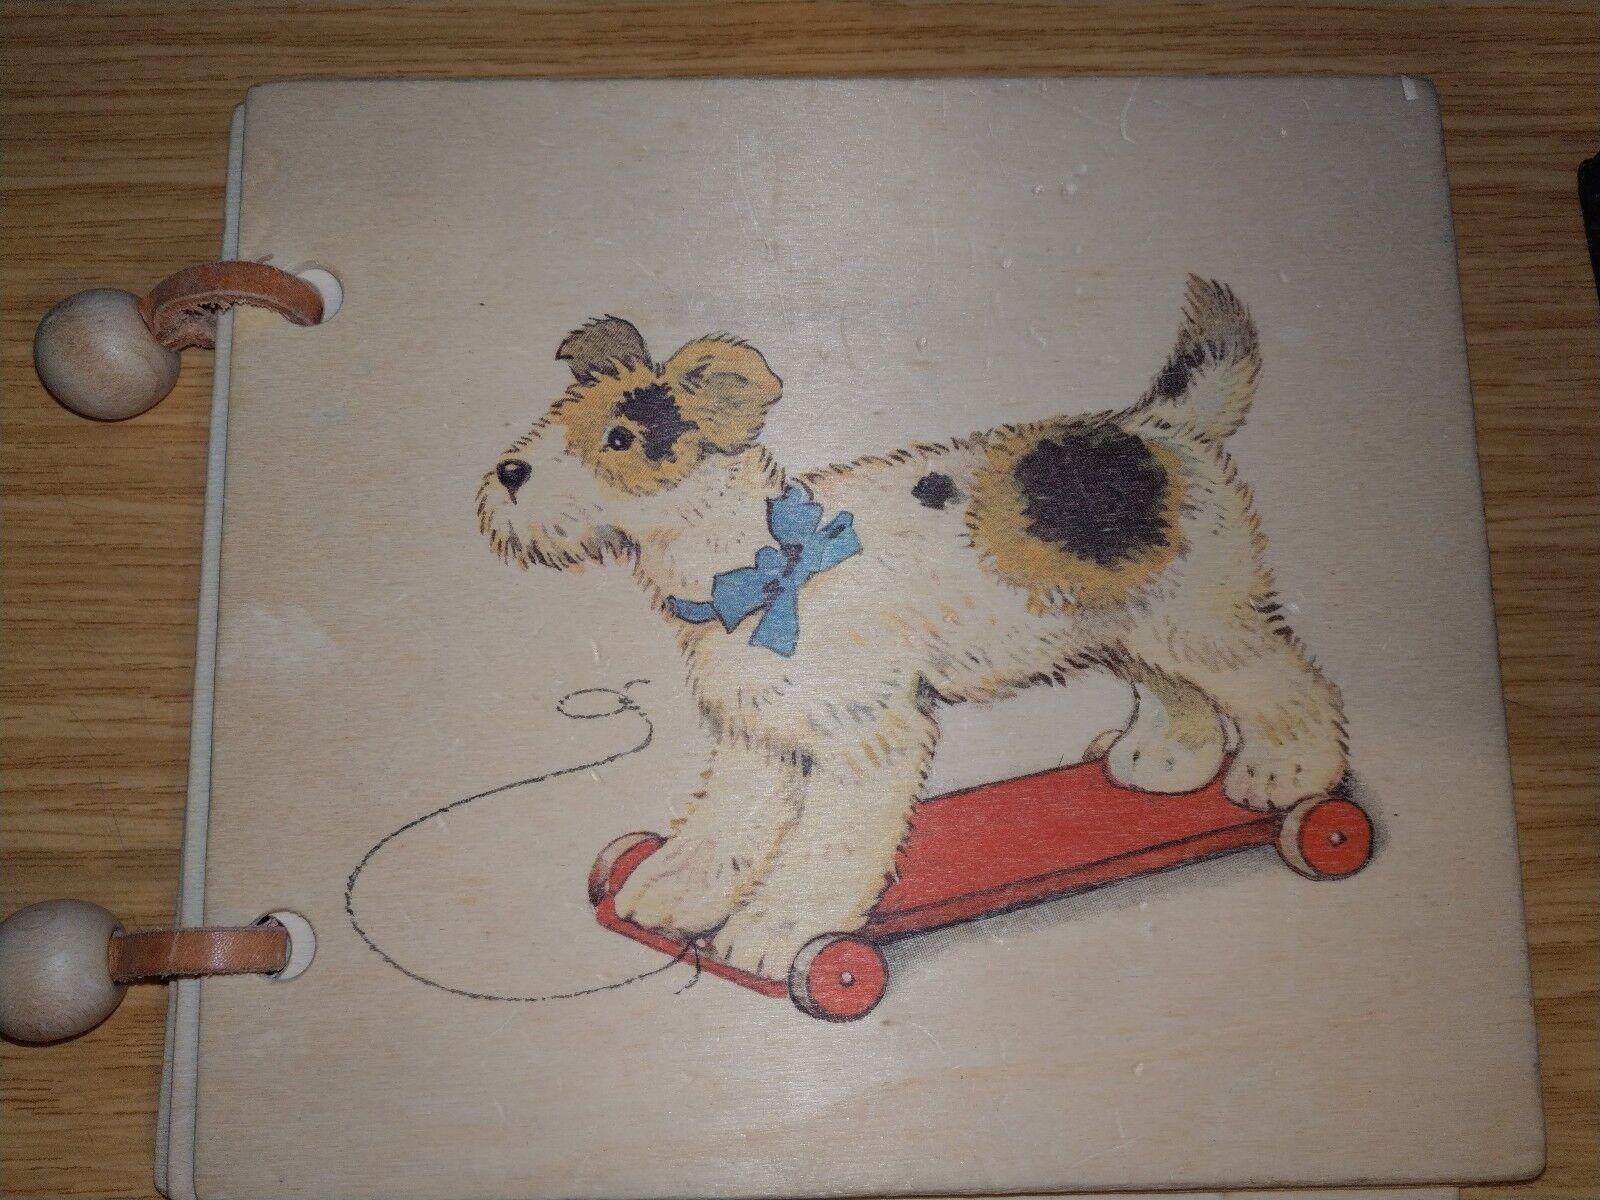 Siebert Spiel AG Holz Bilderbuch Spielzeug Hund auf Rollen Rarität Selten rar